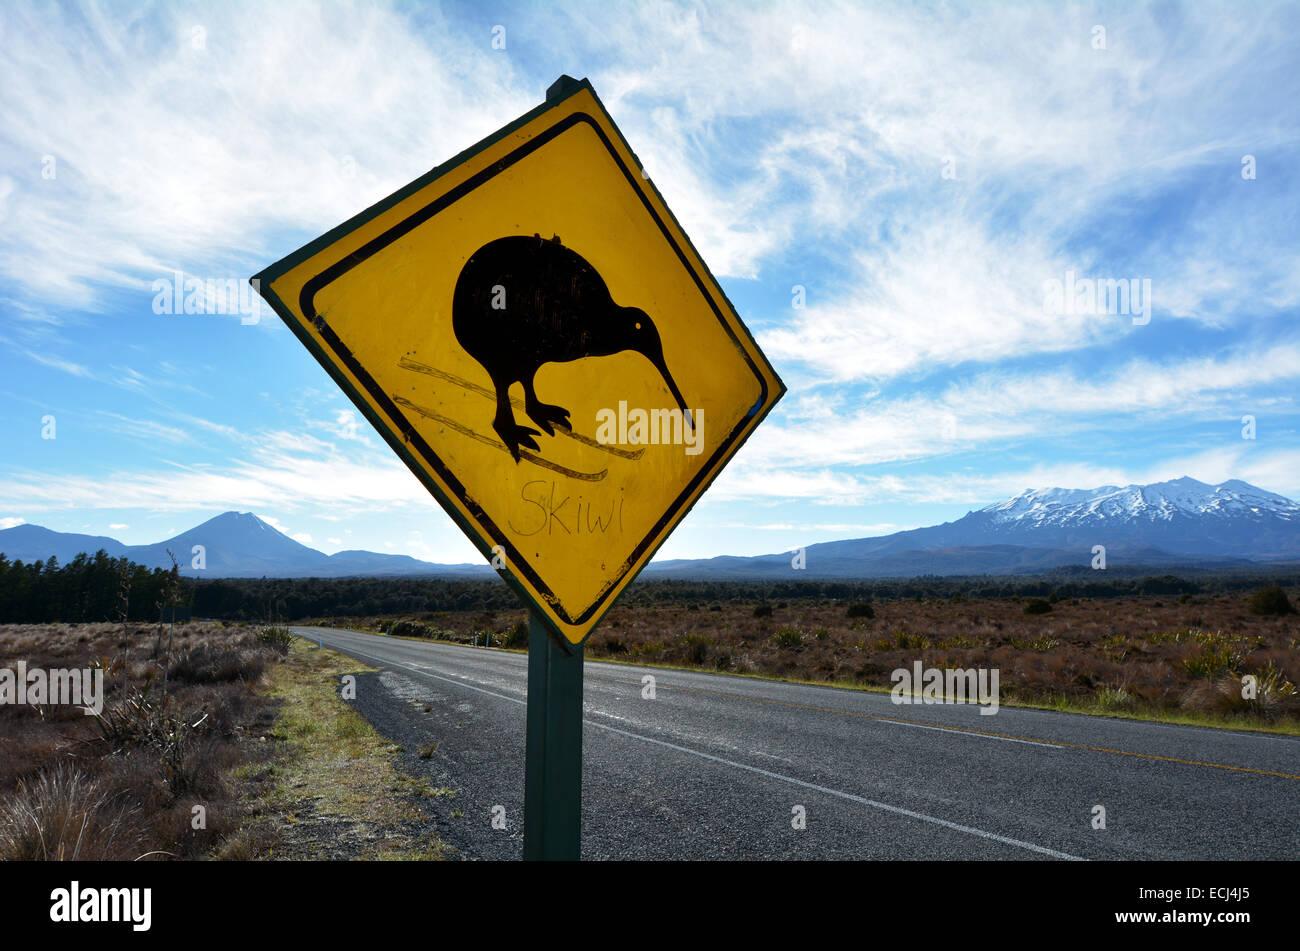 NATIONAL PARK, NZ - DEC 8 2014: Beware of Kiwi roadsign in Tongariro National Park. - Stock Image